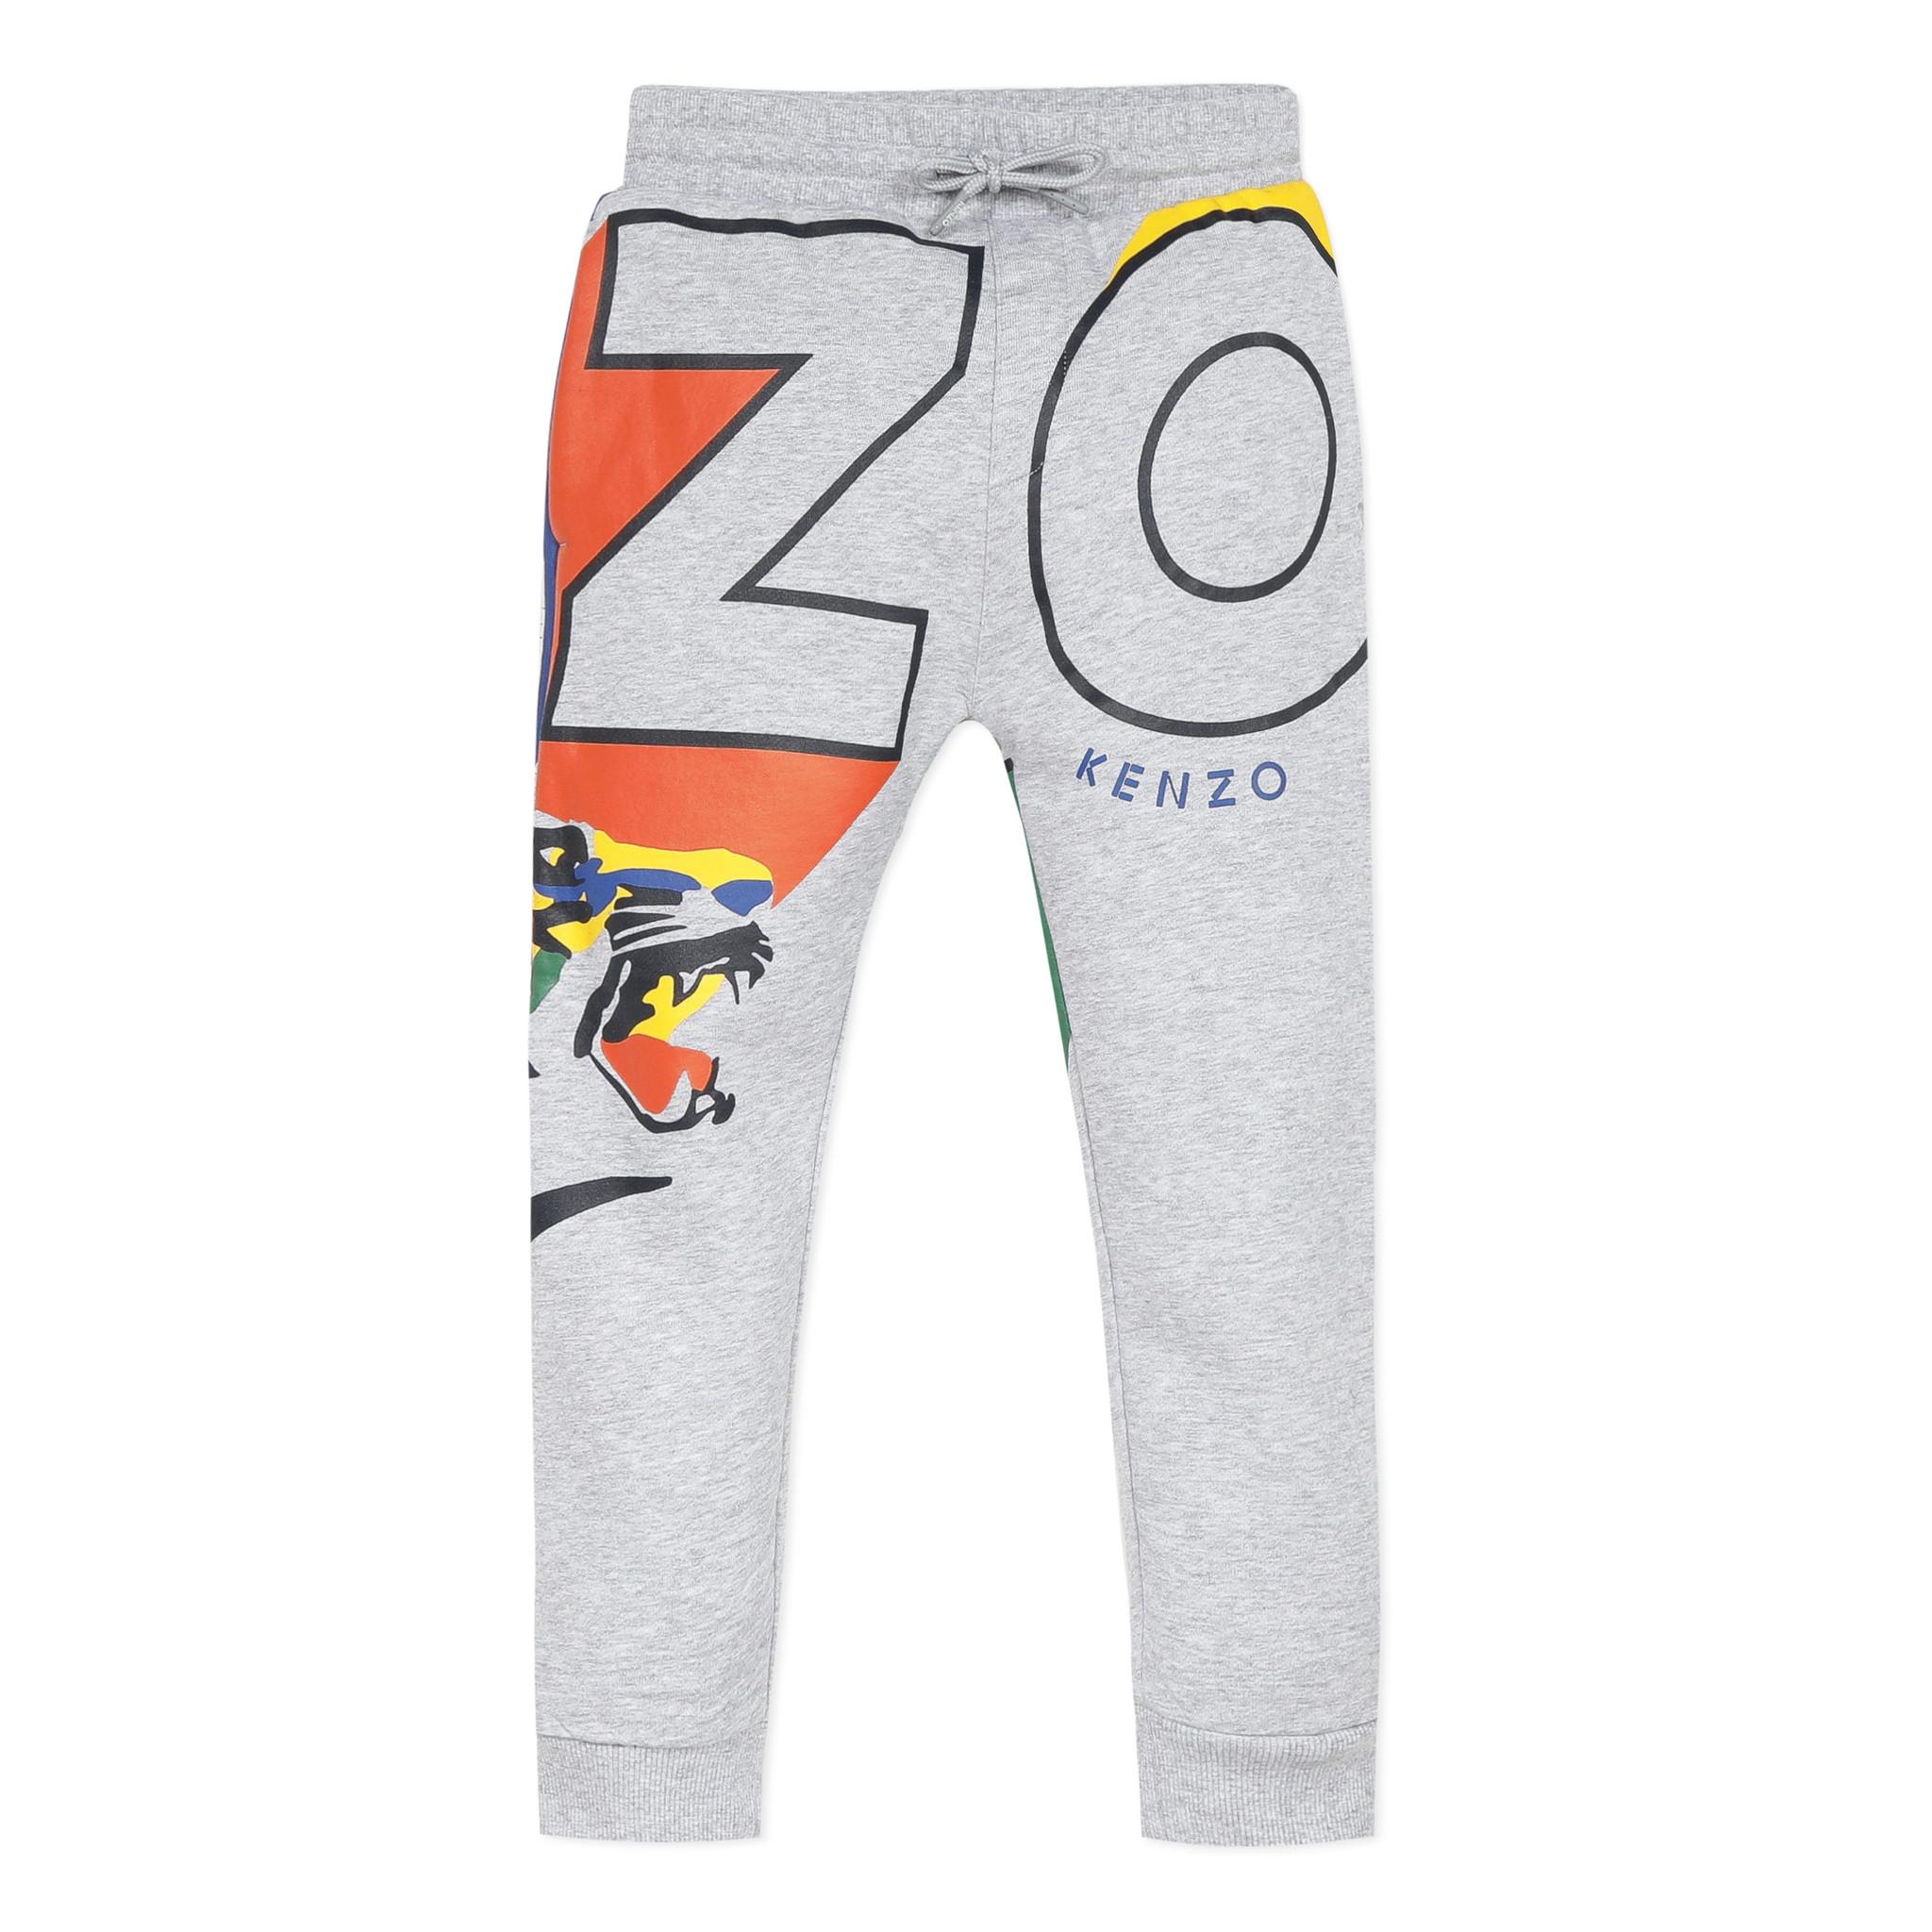 KENZO KIDS Pantalon avec motifs-1